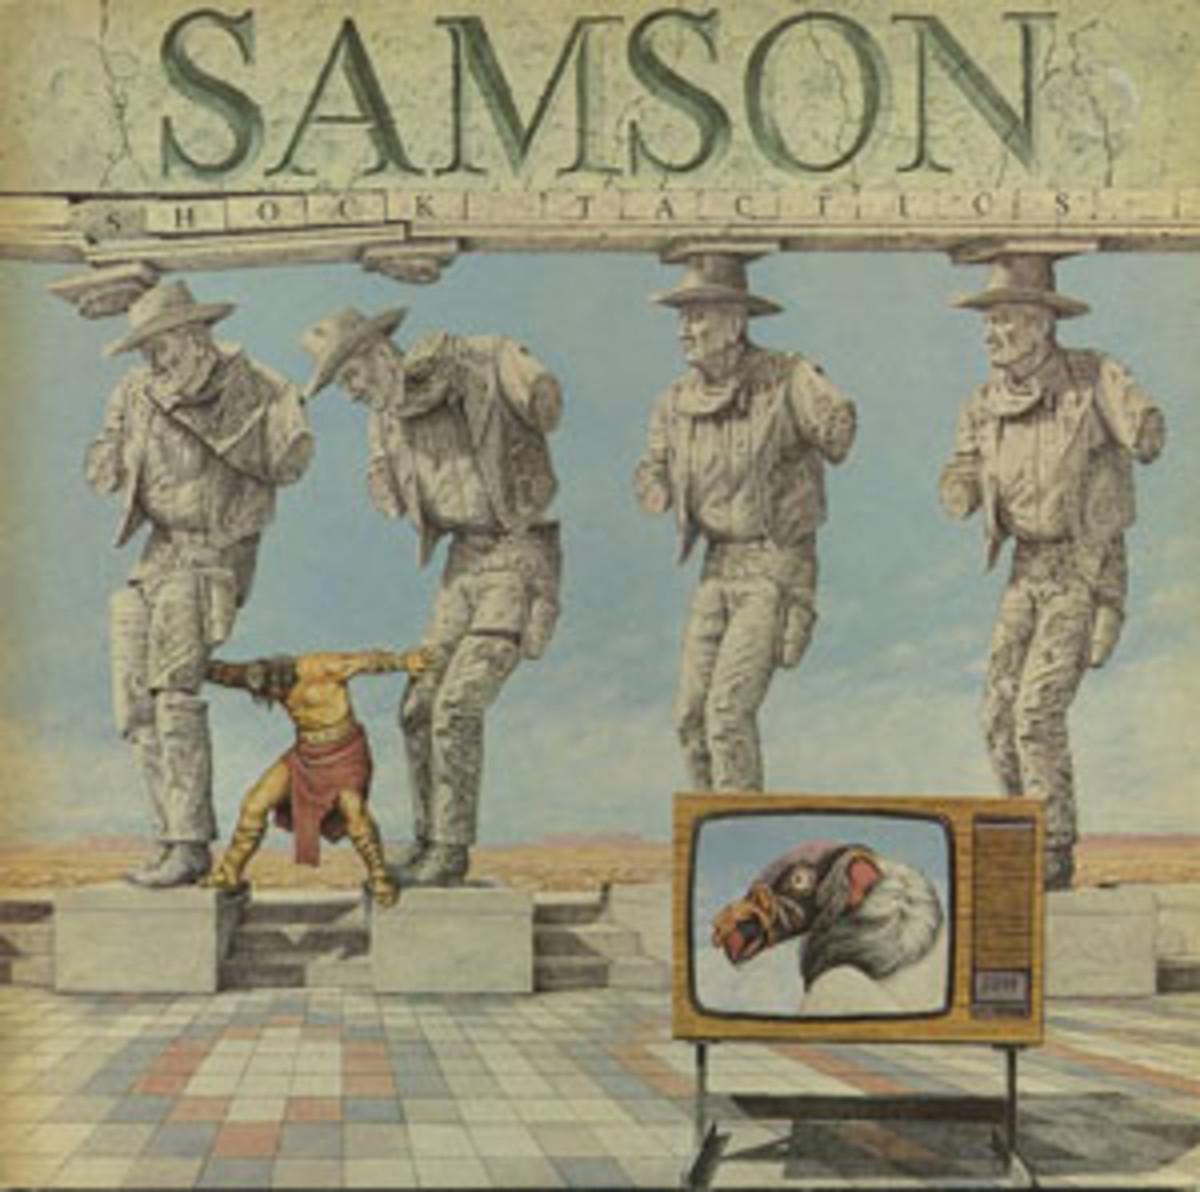 Samson_ShockTactics